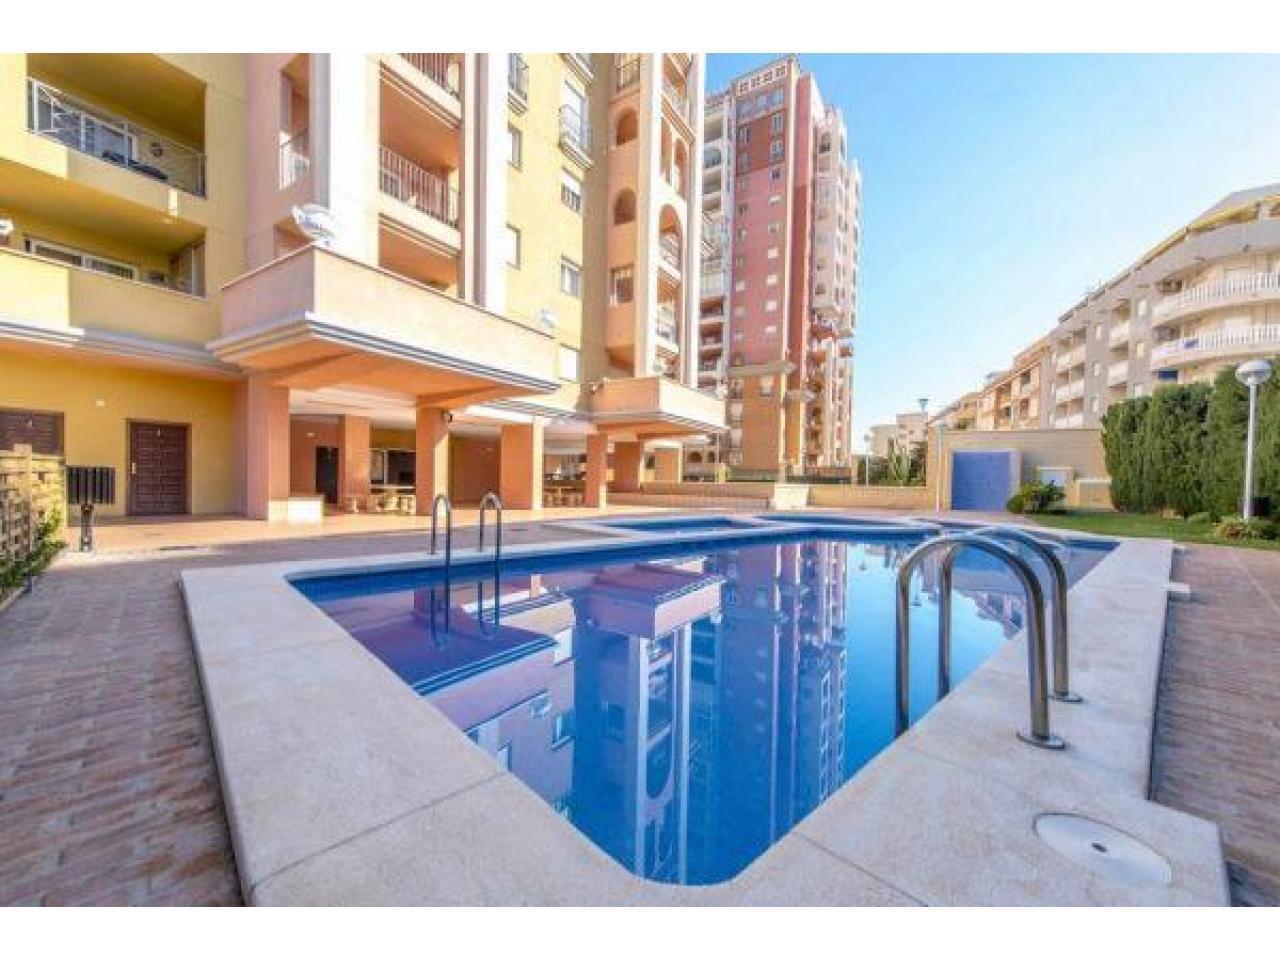 Недвижимость в Испании, Квартира с видом на море в Торревьеха,Коста Бланка,Испания - 3